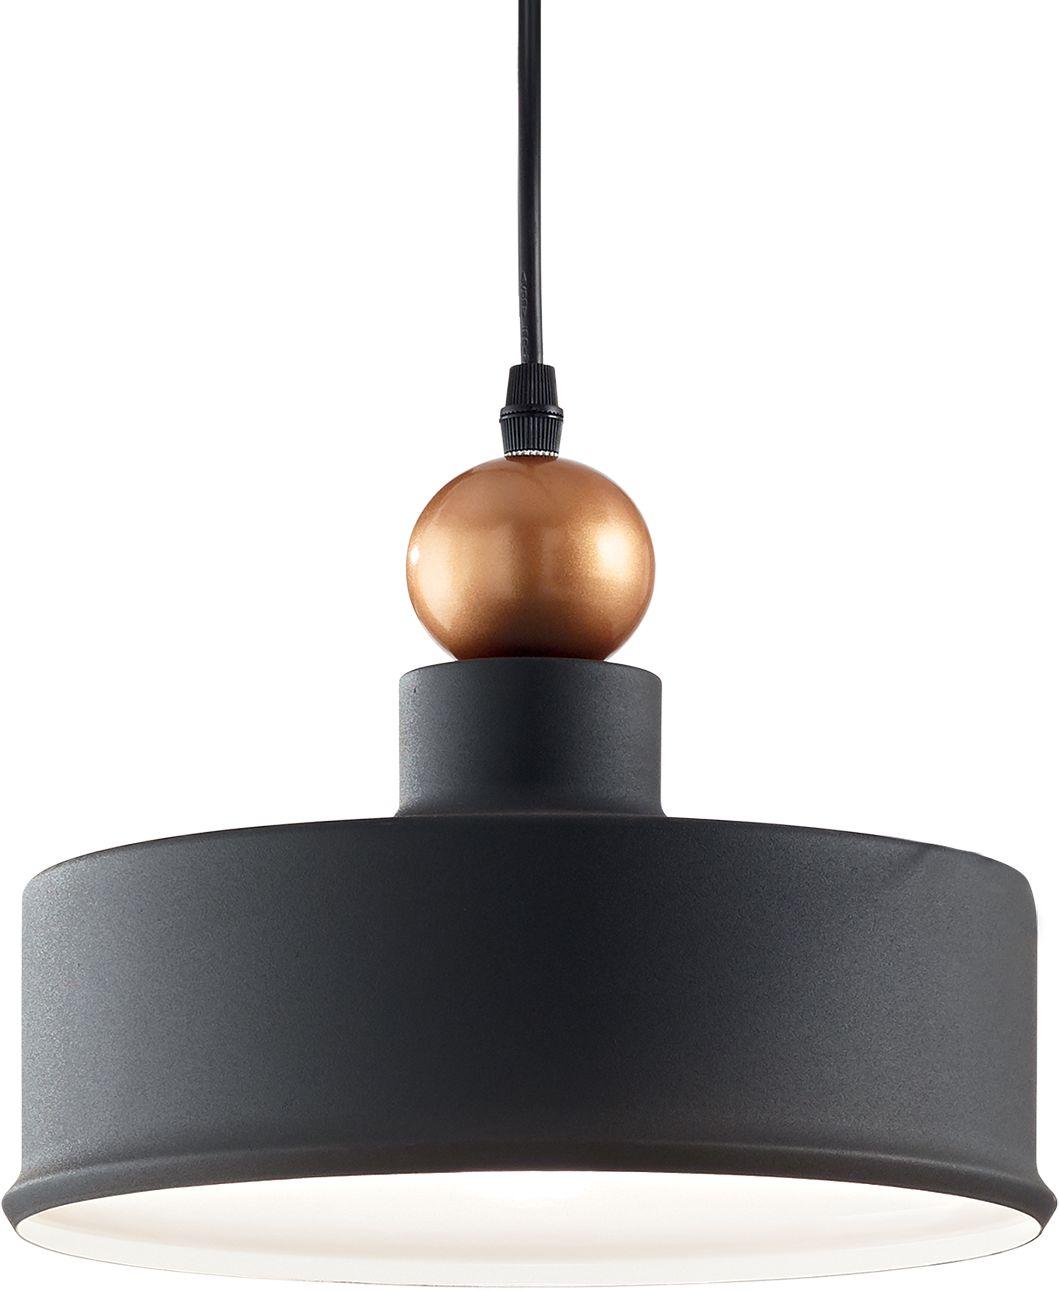 Lampa sufitowa Triade-2 SP1 221489 Ideal Lux nowoczesna oprawa w kolorze szarym